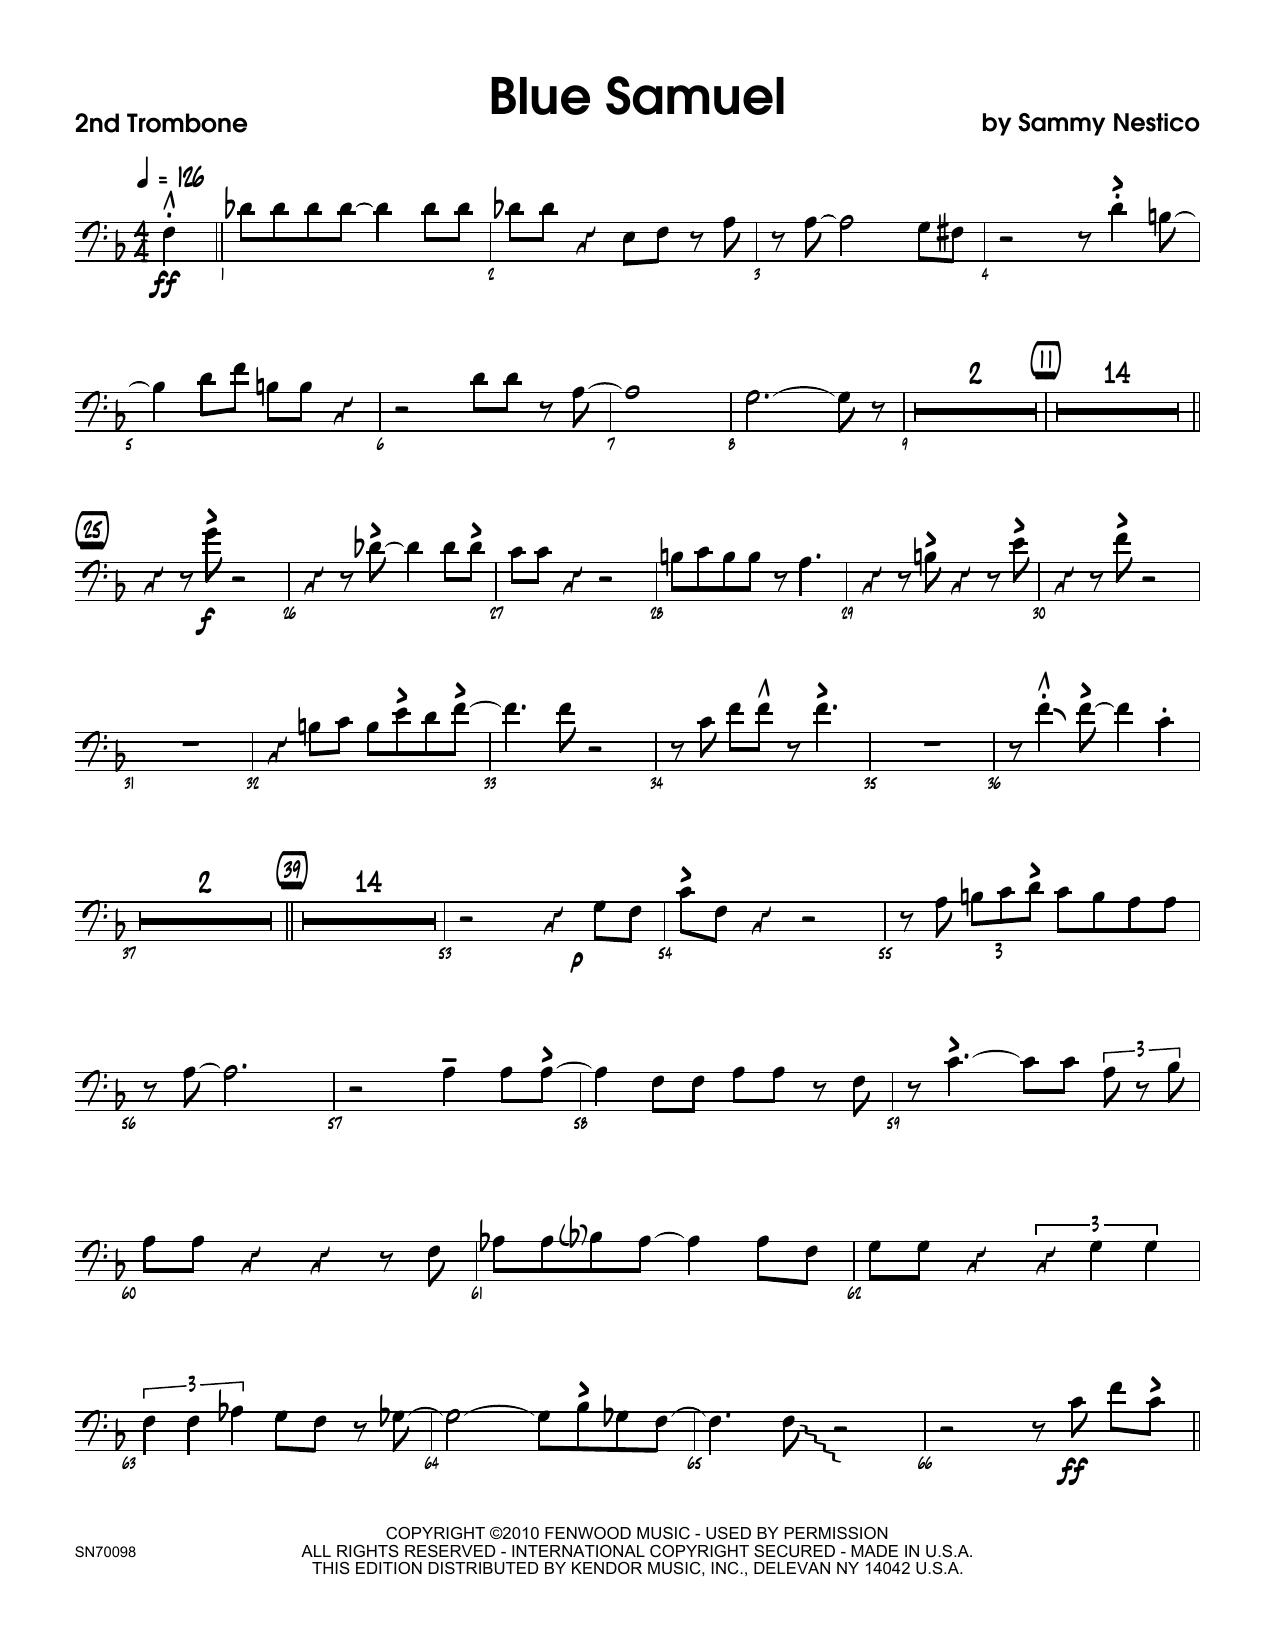 Blue Samuel - 2nd Trombone Sheet Music